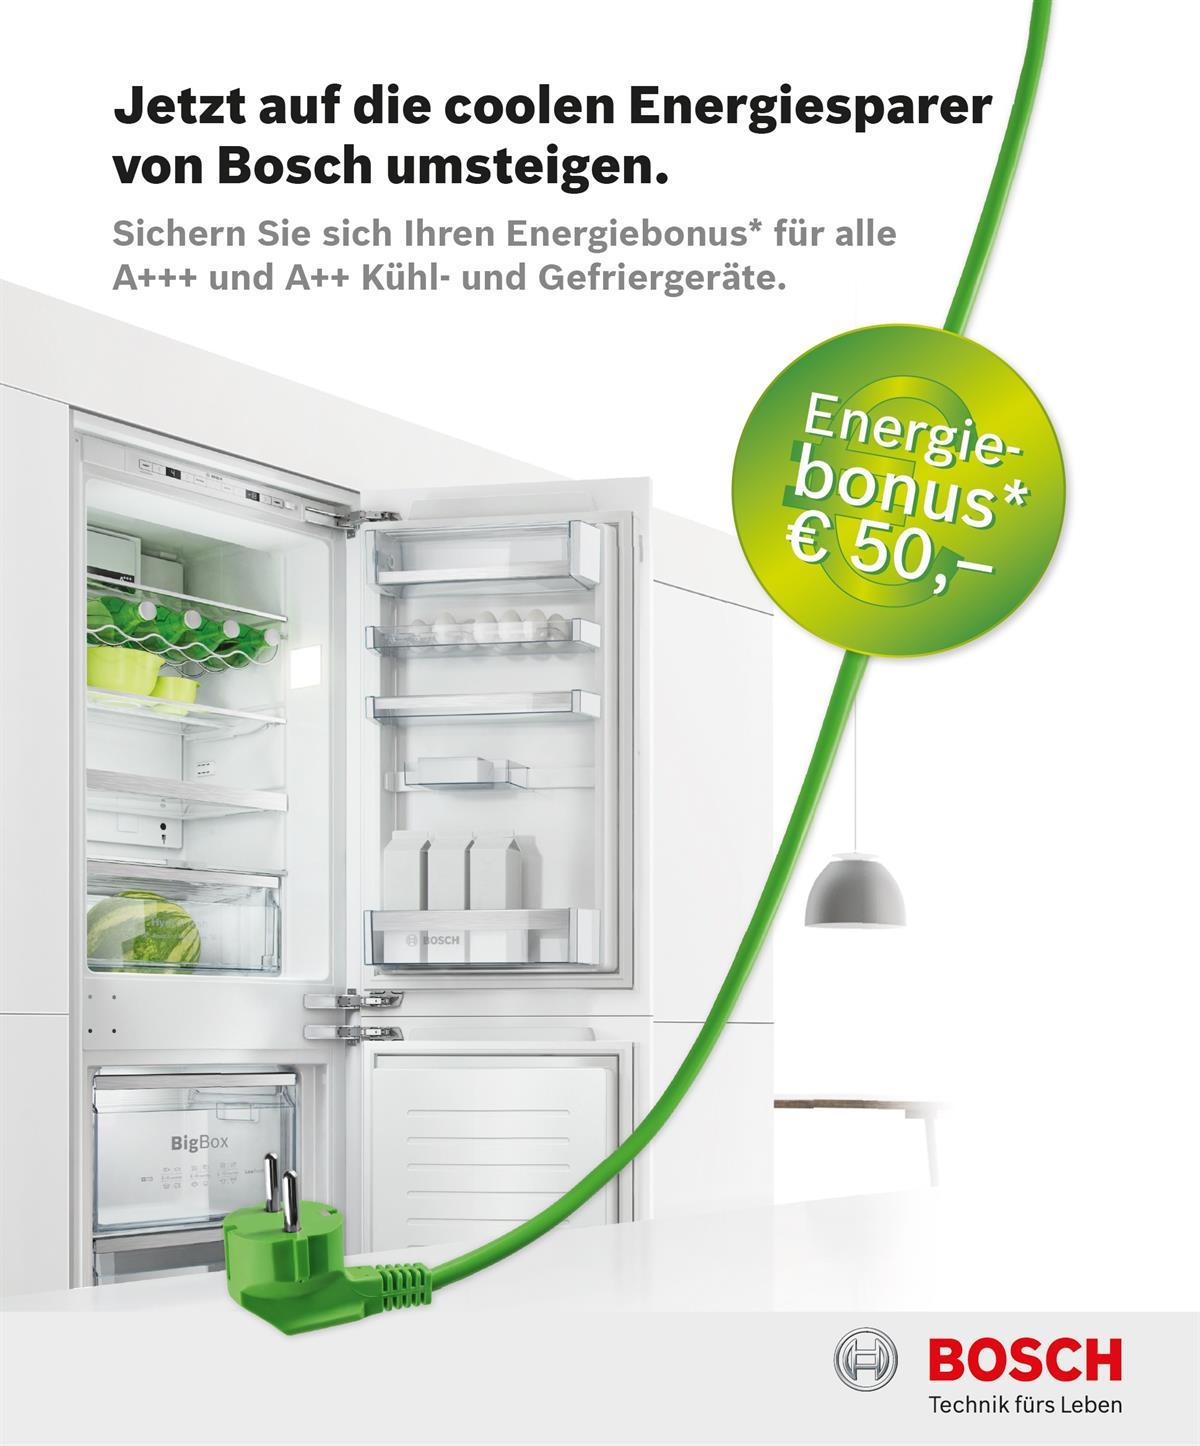 Bosch Energiebonus bis 31.08.2015